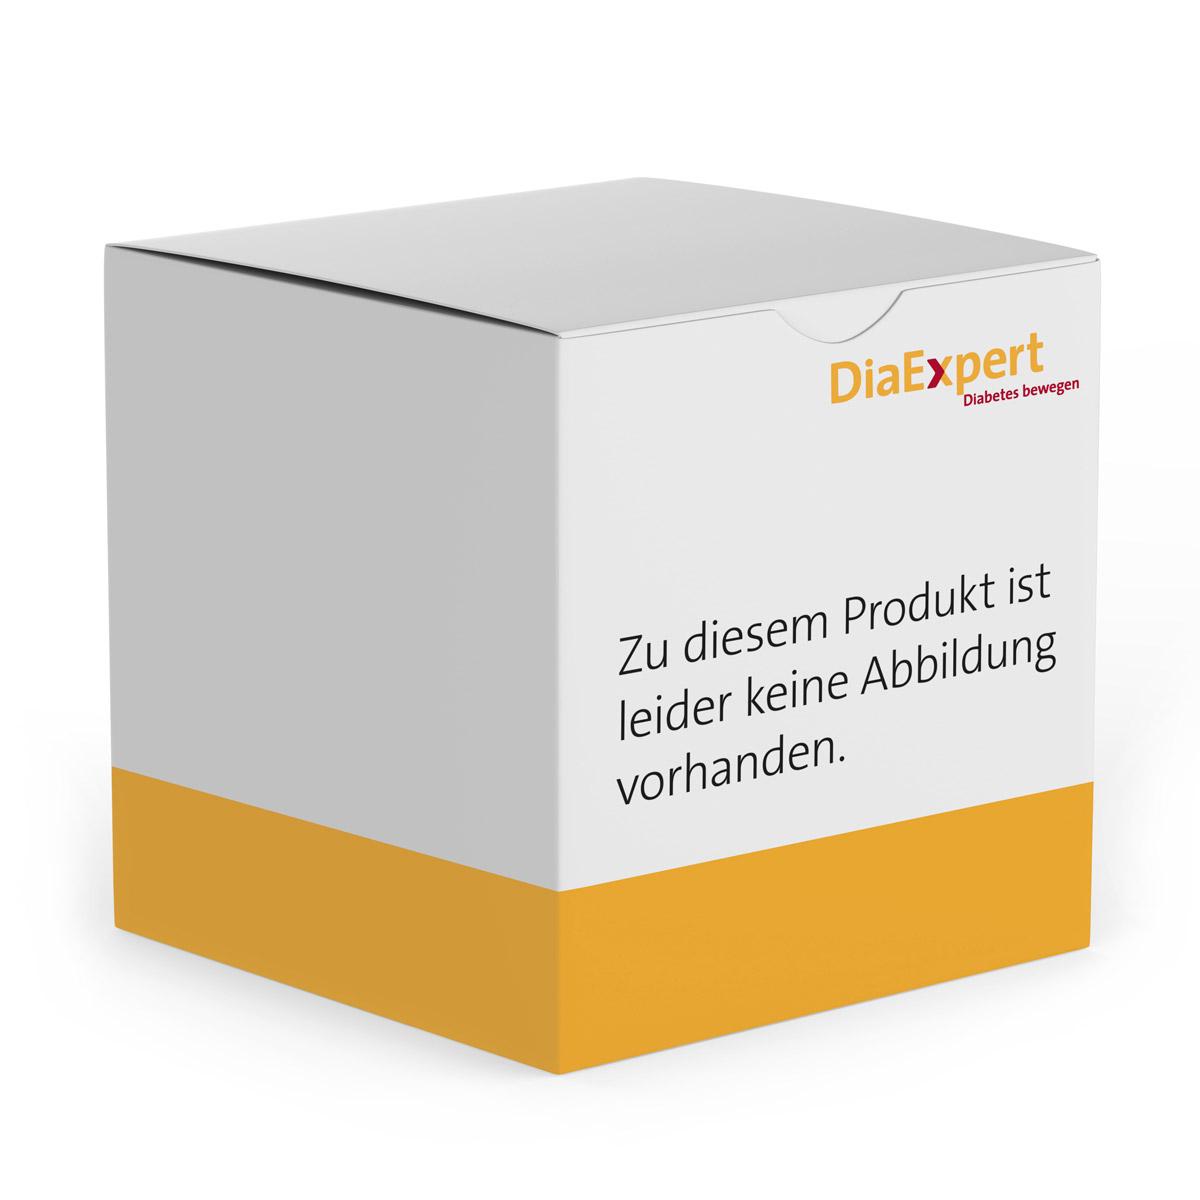 Accu-Chek Insight Insulinpumpe mg/dL